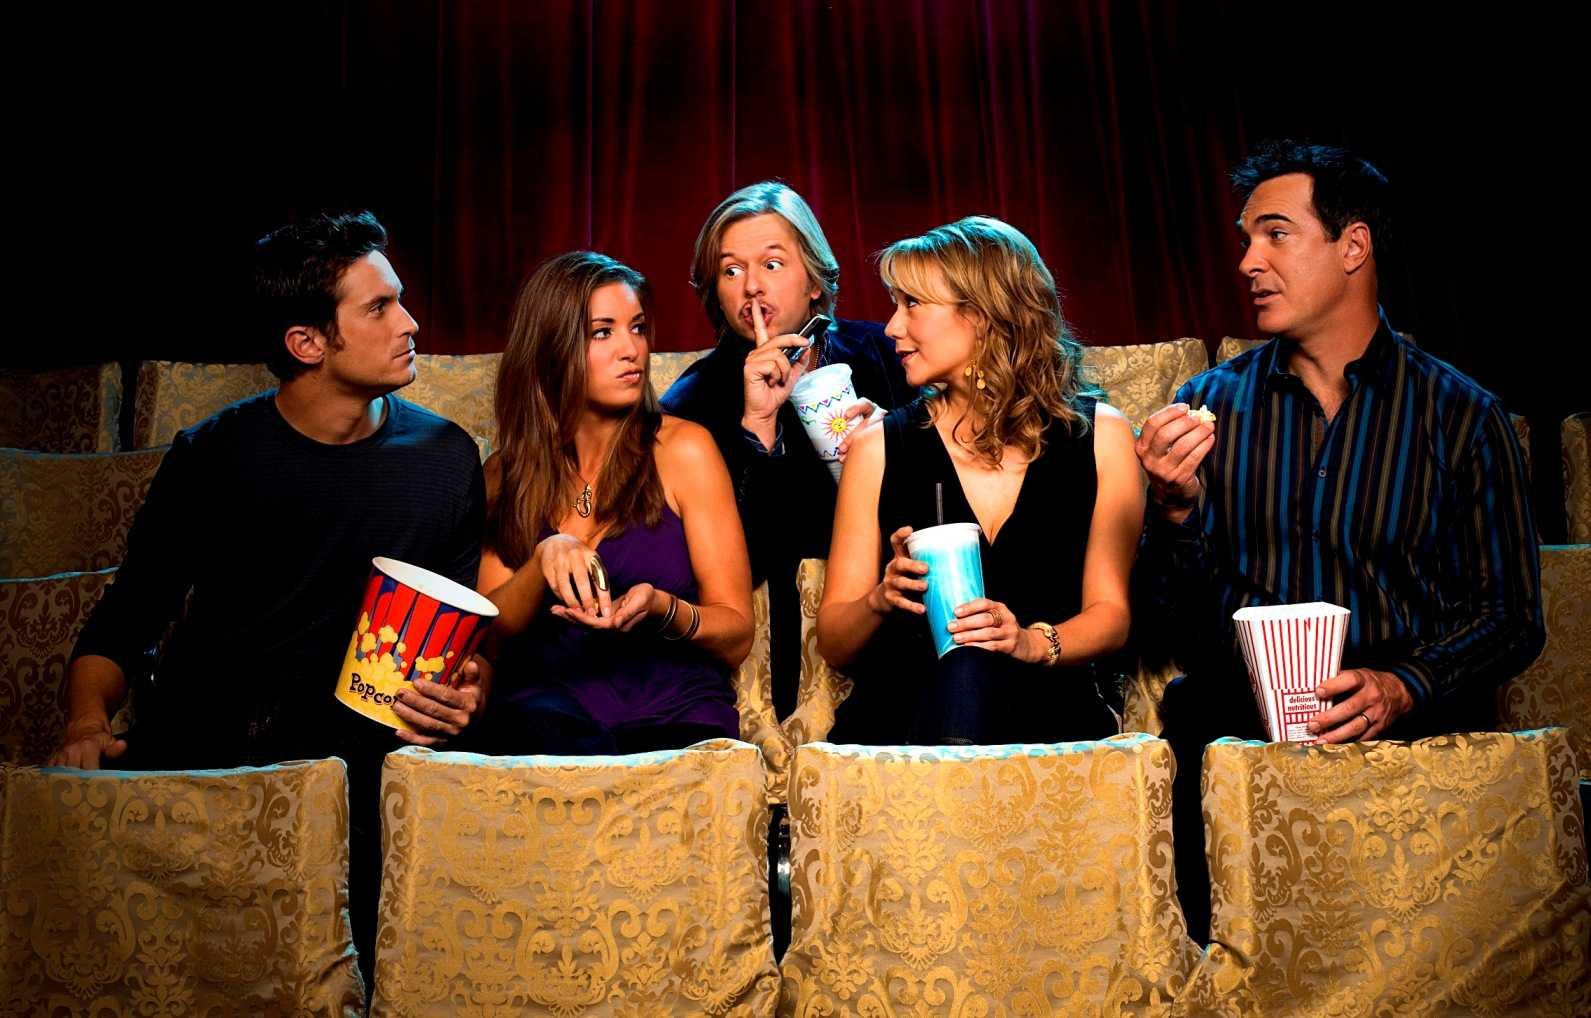 """Comedy Central lancia in prima tv la sitcom prodotta da Adam Sandler """"Le regole dell'amore""""   Digitale terrestre: Dtti.it"""